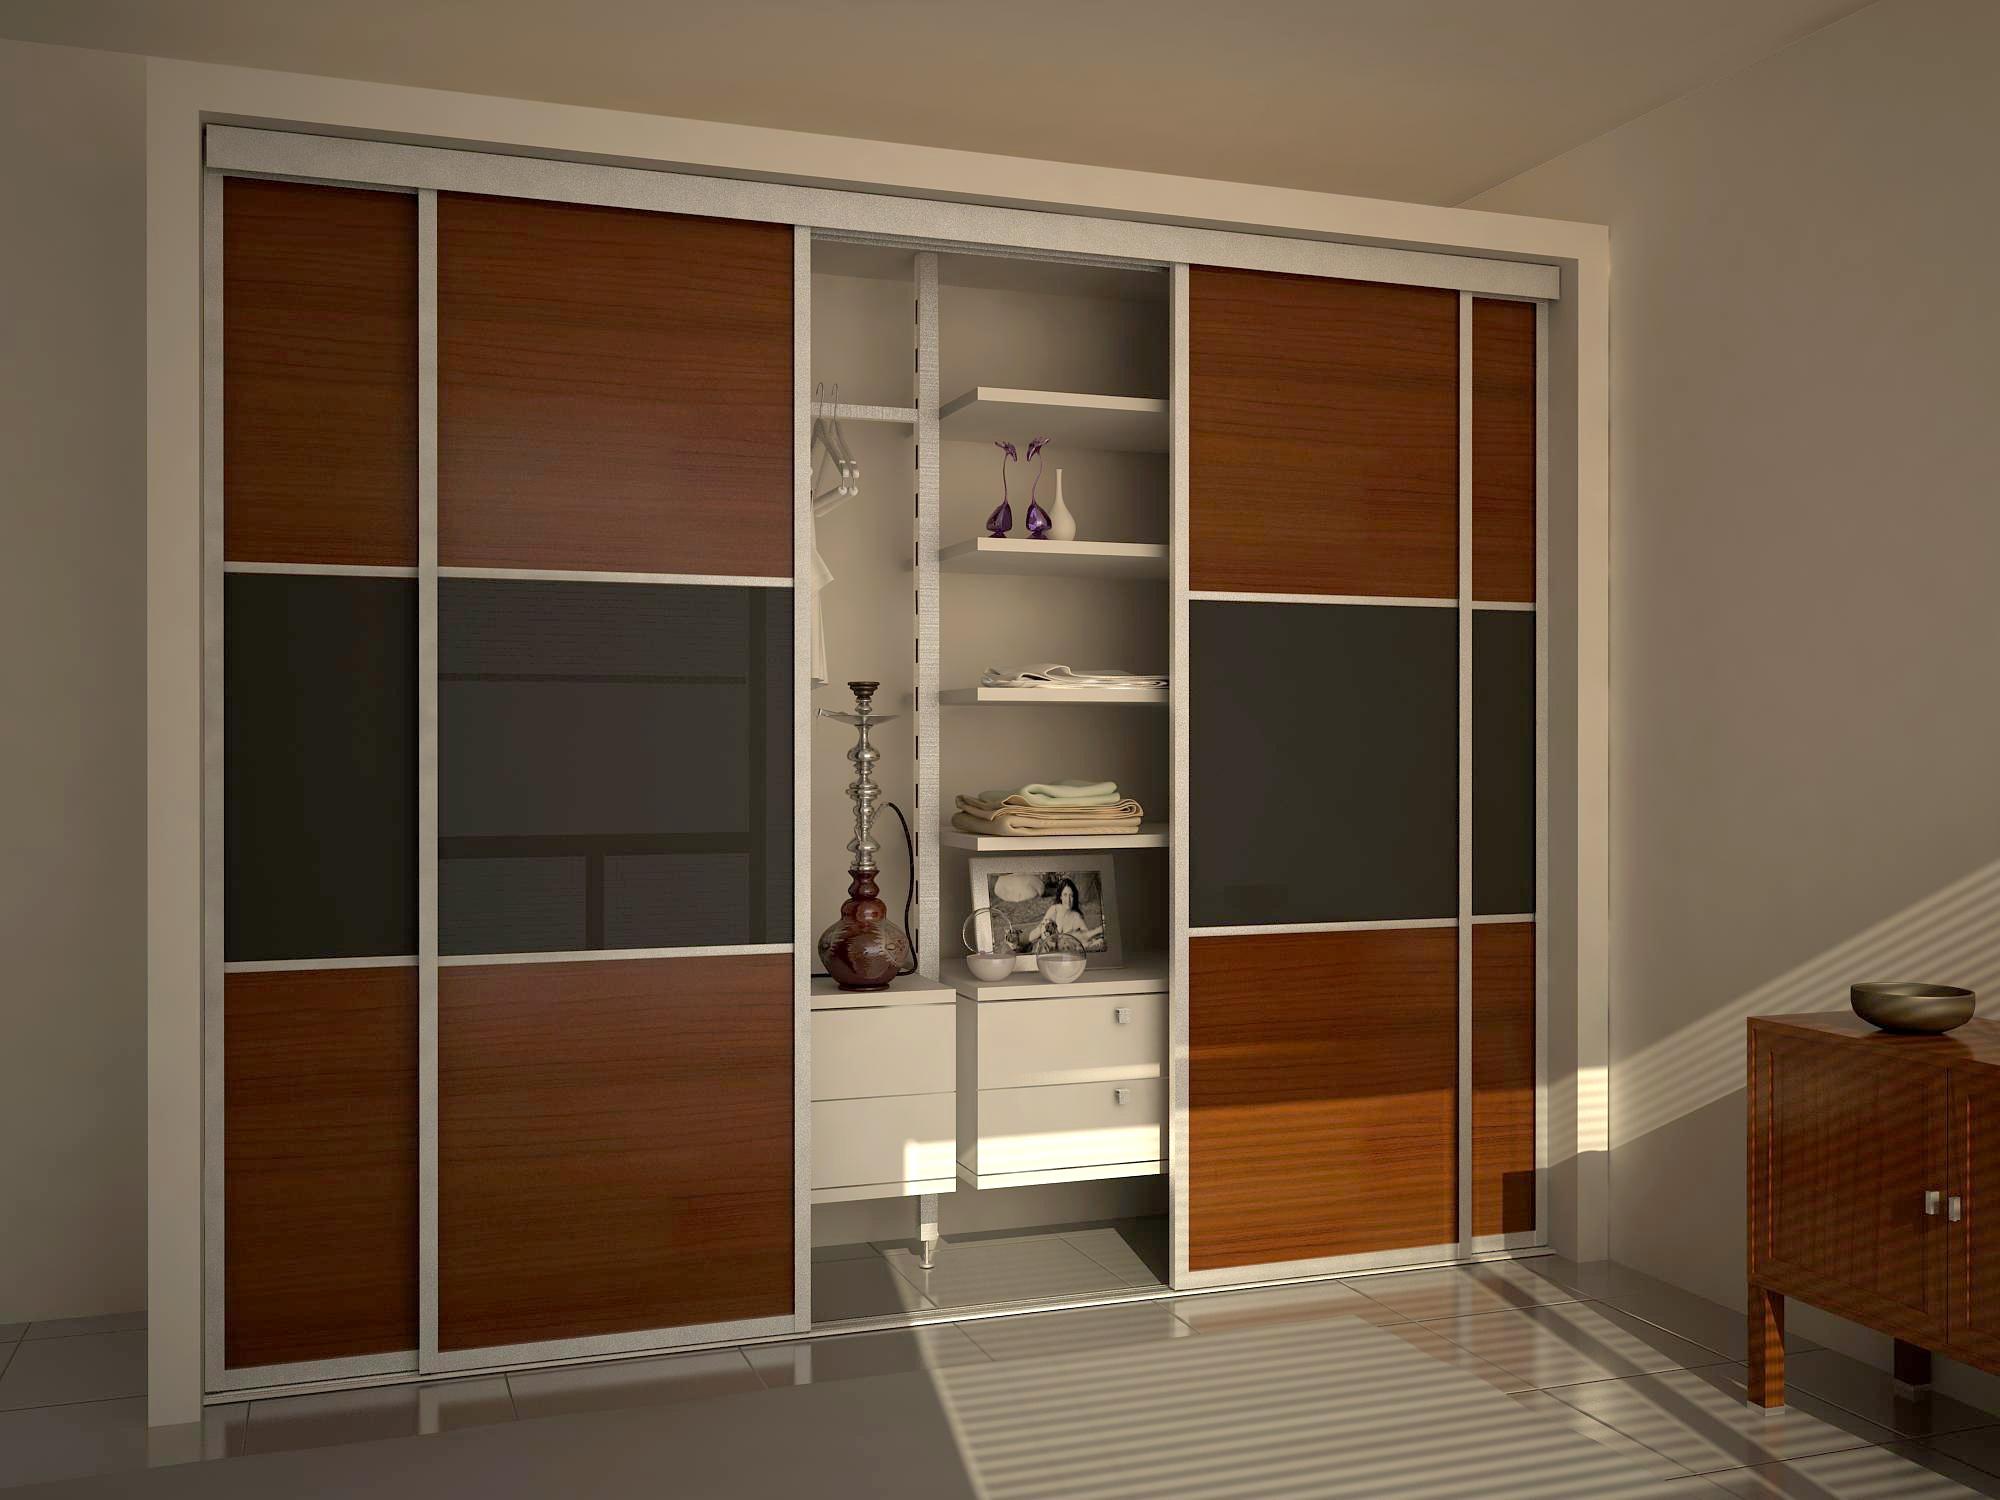 шкаф-купе по типу дверей